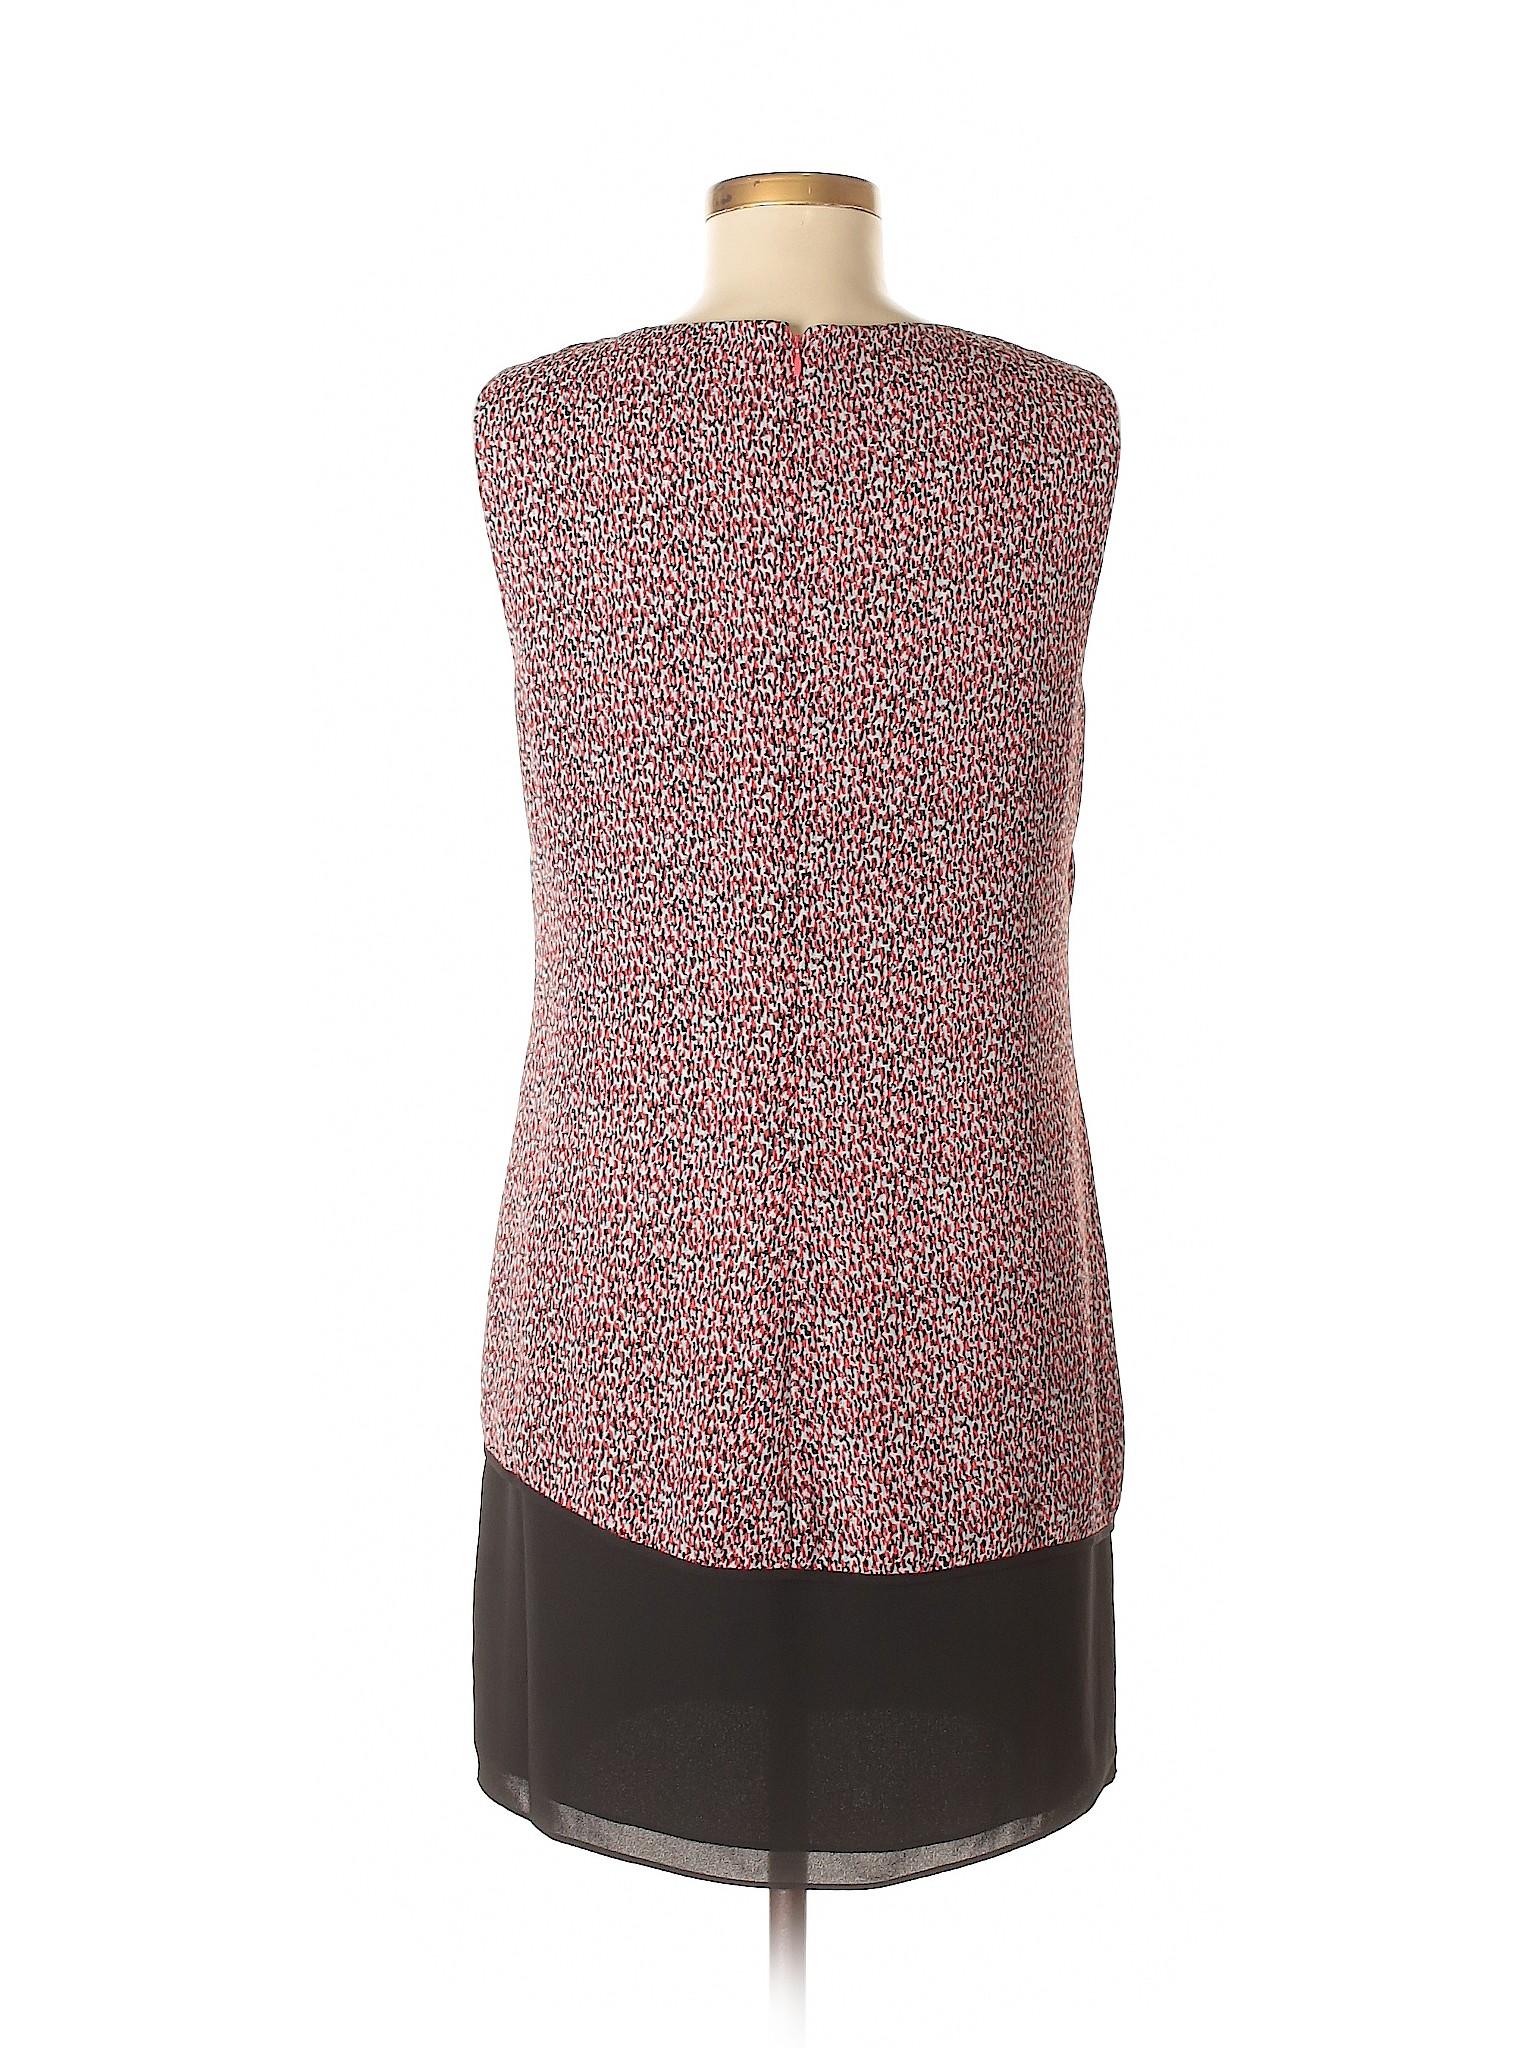 Boutique Boutique Dress winter BCBGMAXAZRIA winter Casual fq05q